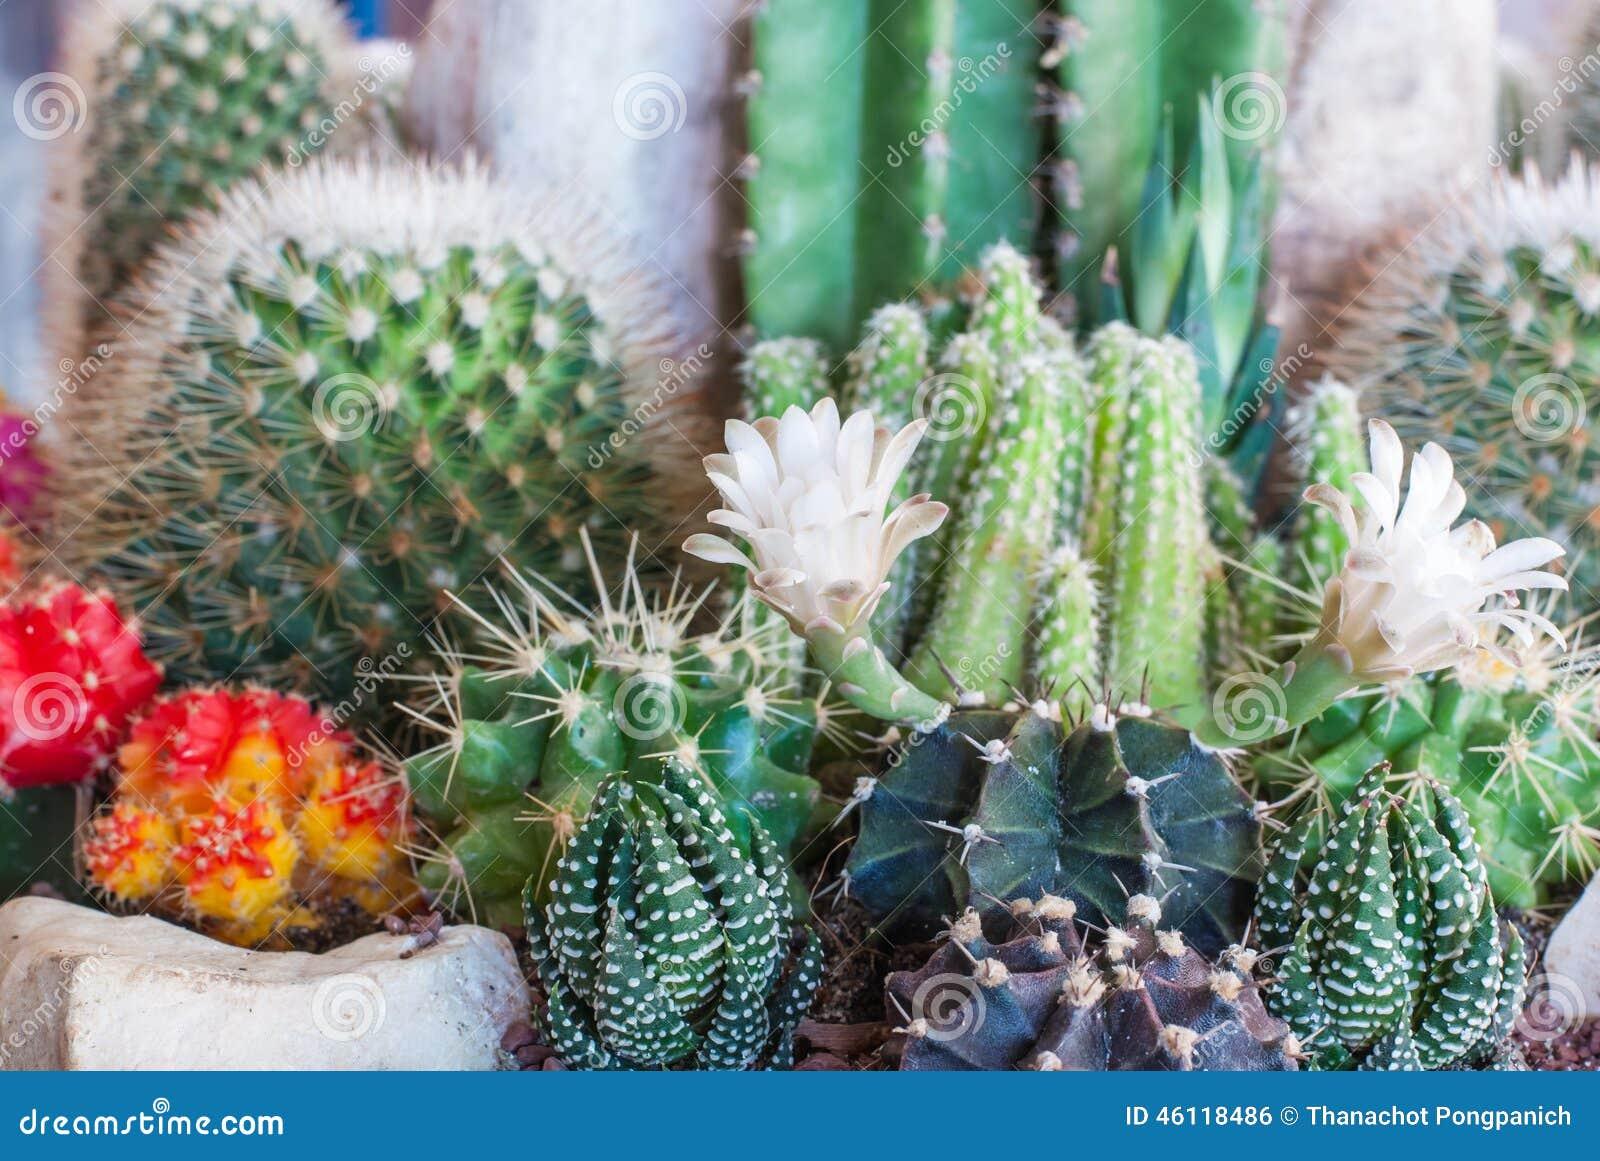 Kaktus clumy kwitnienia kwiaty wzrostu jak nowe strony małe